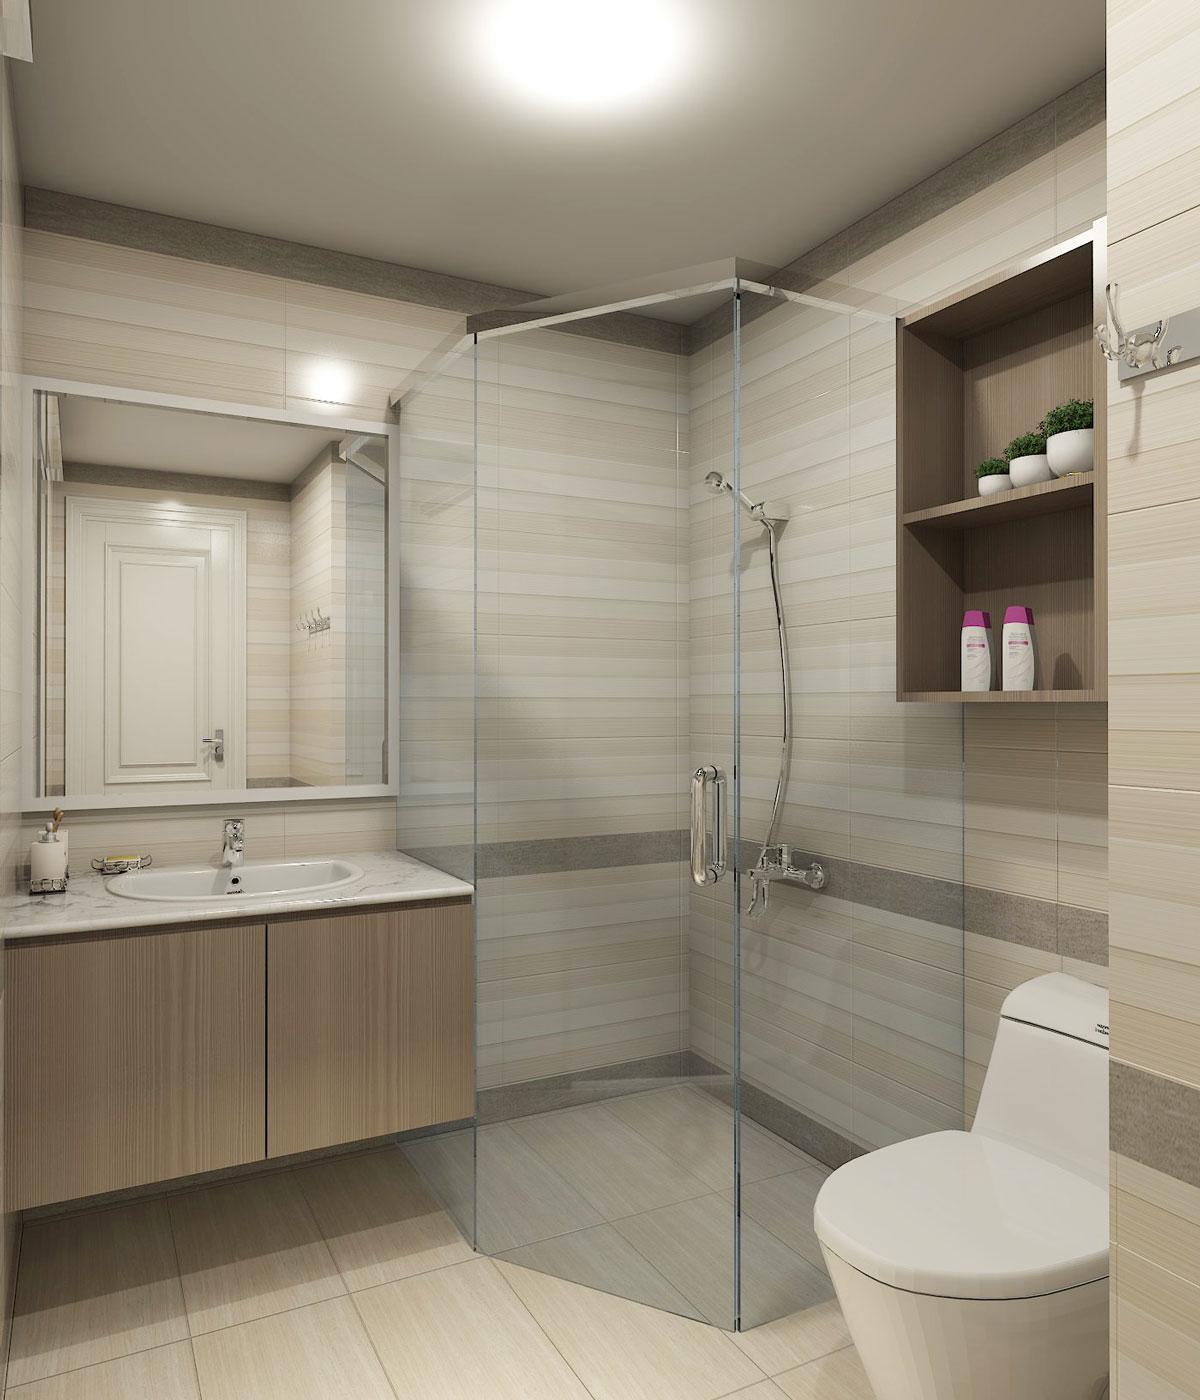 thiết kế nội thất chung cư 4s linh đông